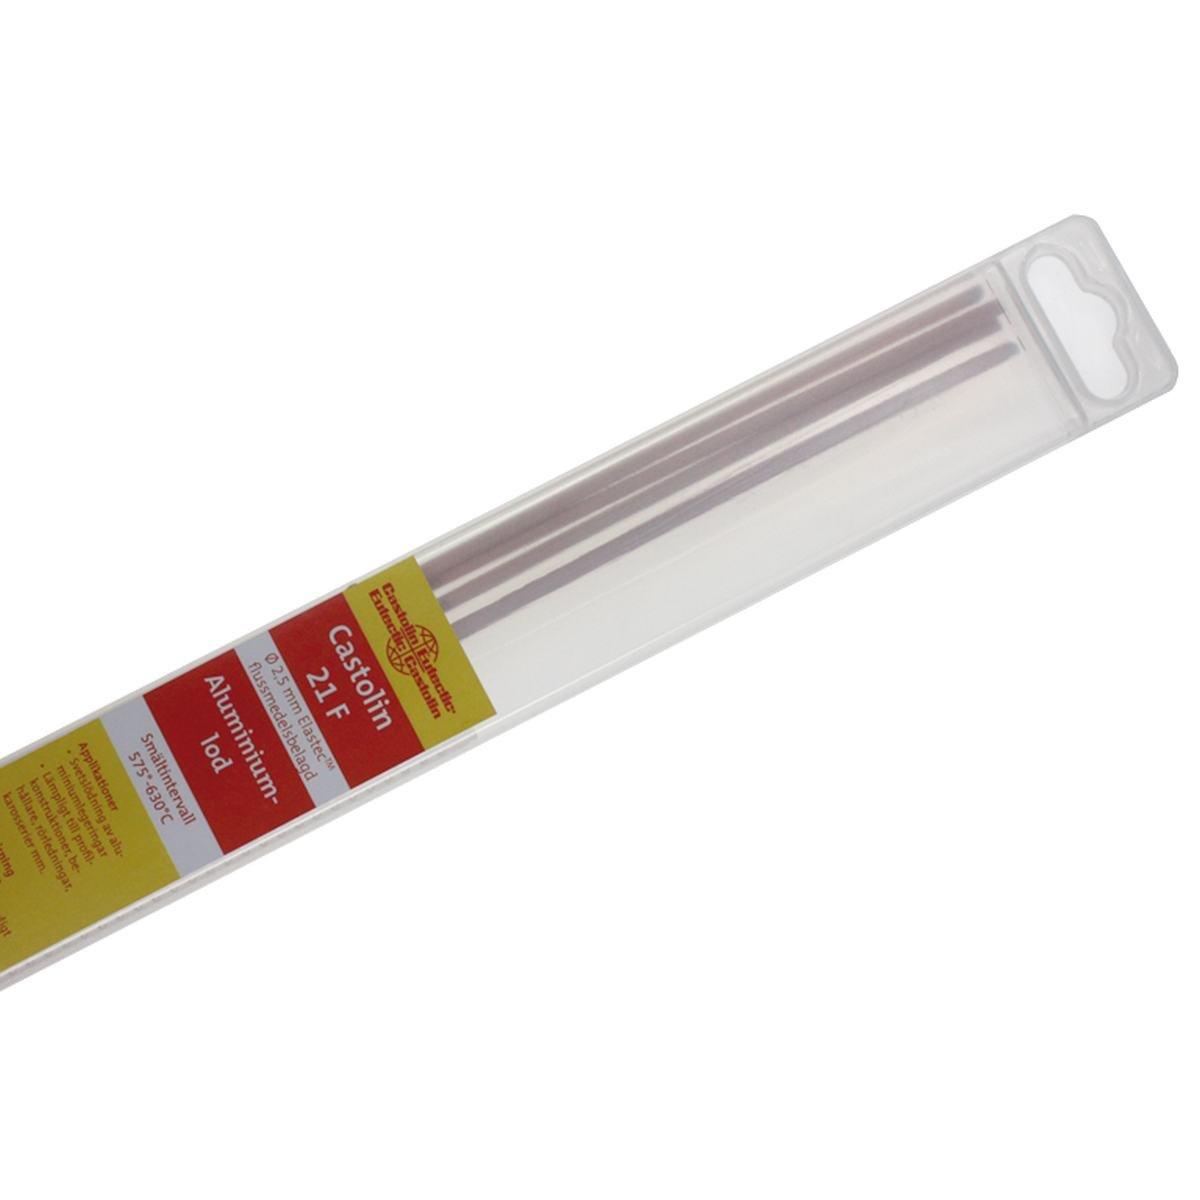 Alulod 2,5 mm. flussbelagt - 4 stave